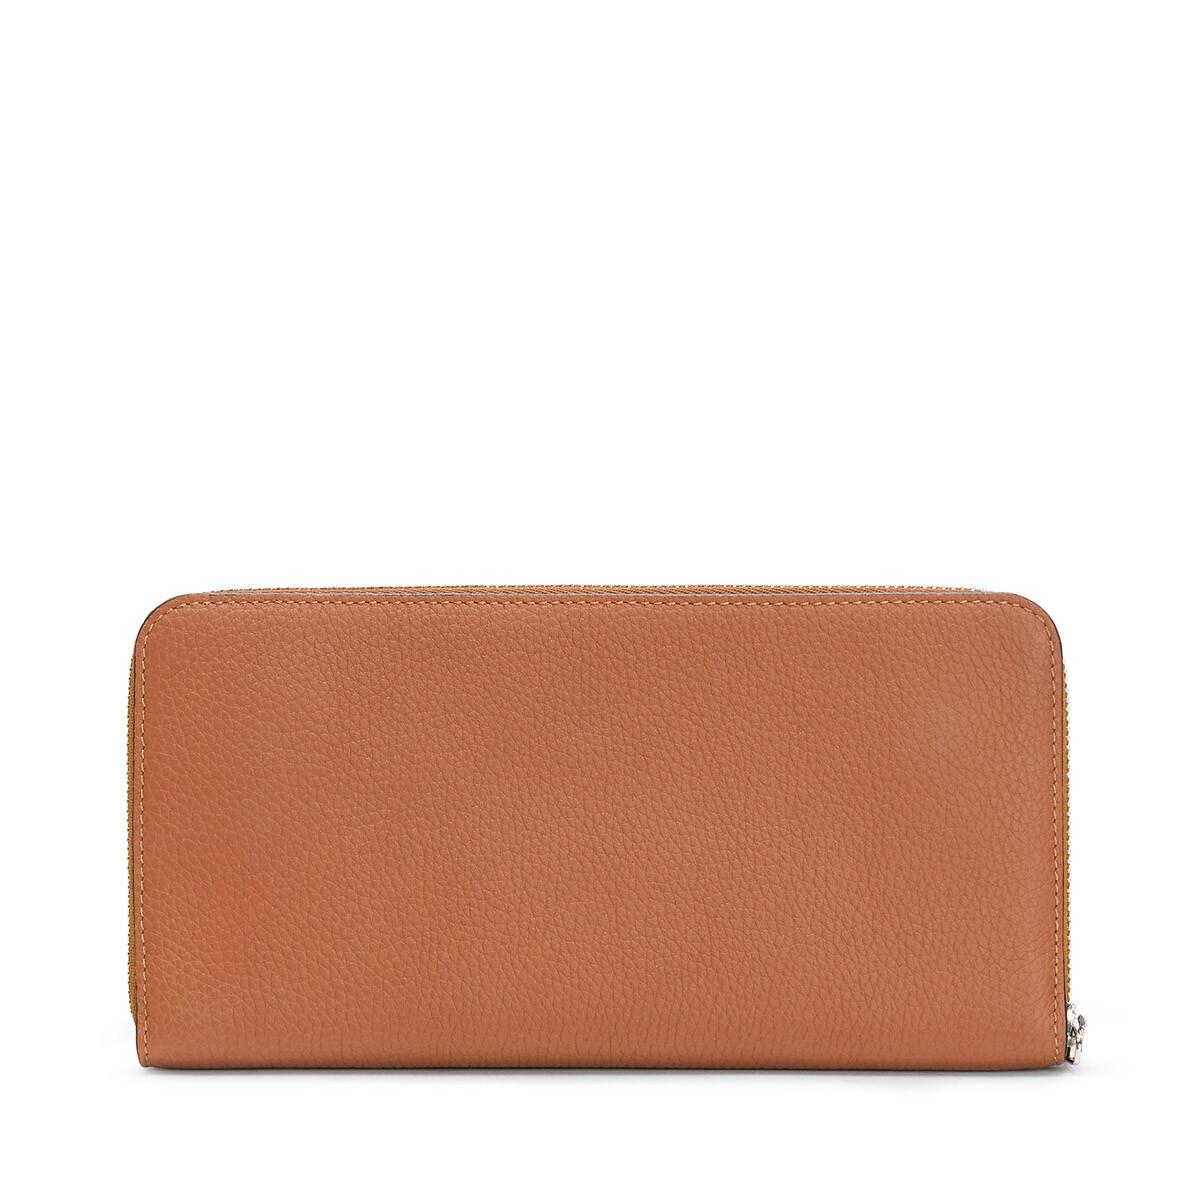 LOEWE Zip Around Wallet Multicolor front